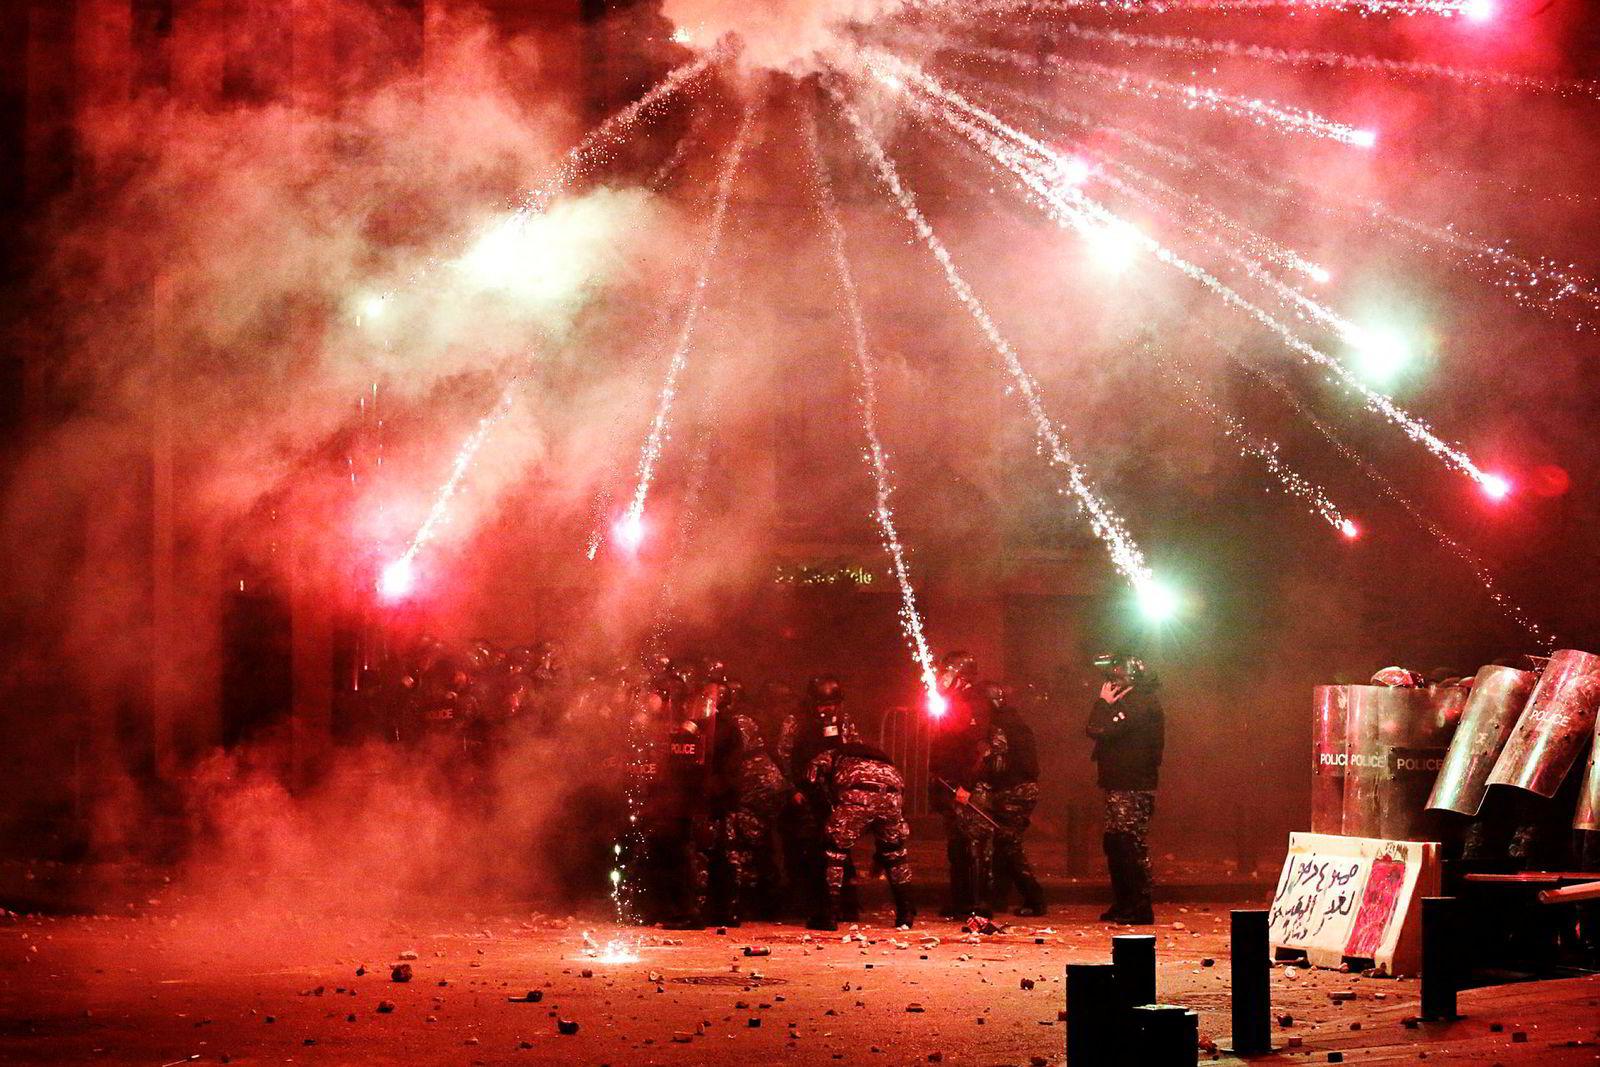 Fyrverkeri ble også tatt i bruk av demonstrantene som mottrekk mot politiets tåregass og vannkanoner.